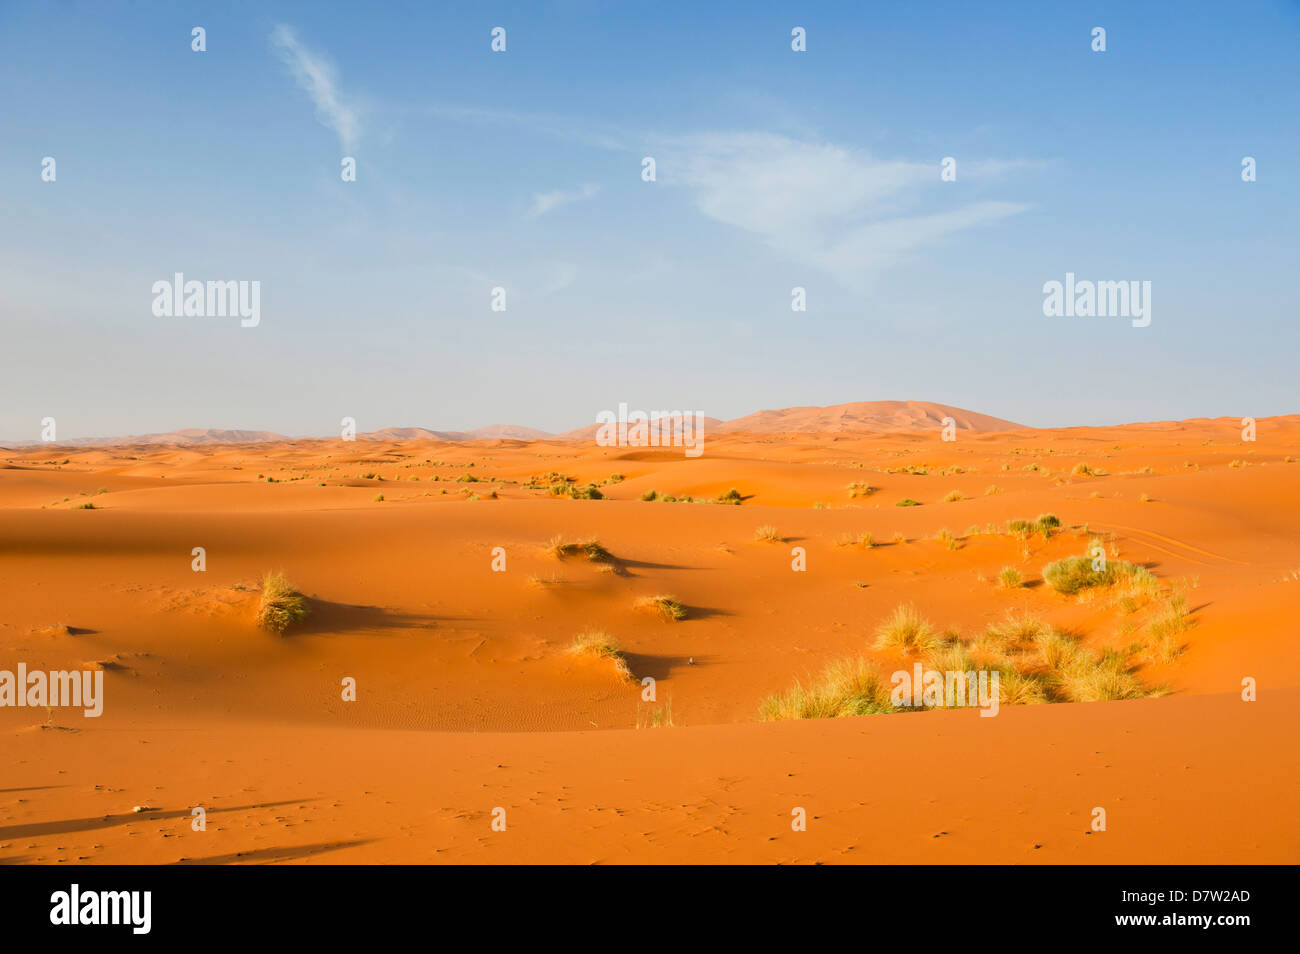 Paisaje de dunas de Erg Chebbi : Desierto, el desierto del Sahara, cerca de Merzouga, Marruecos, Norte de África Imagen De Stock